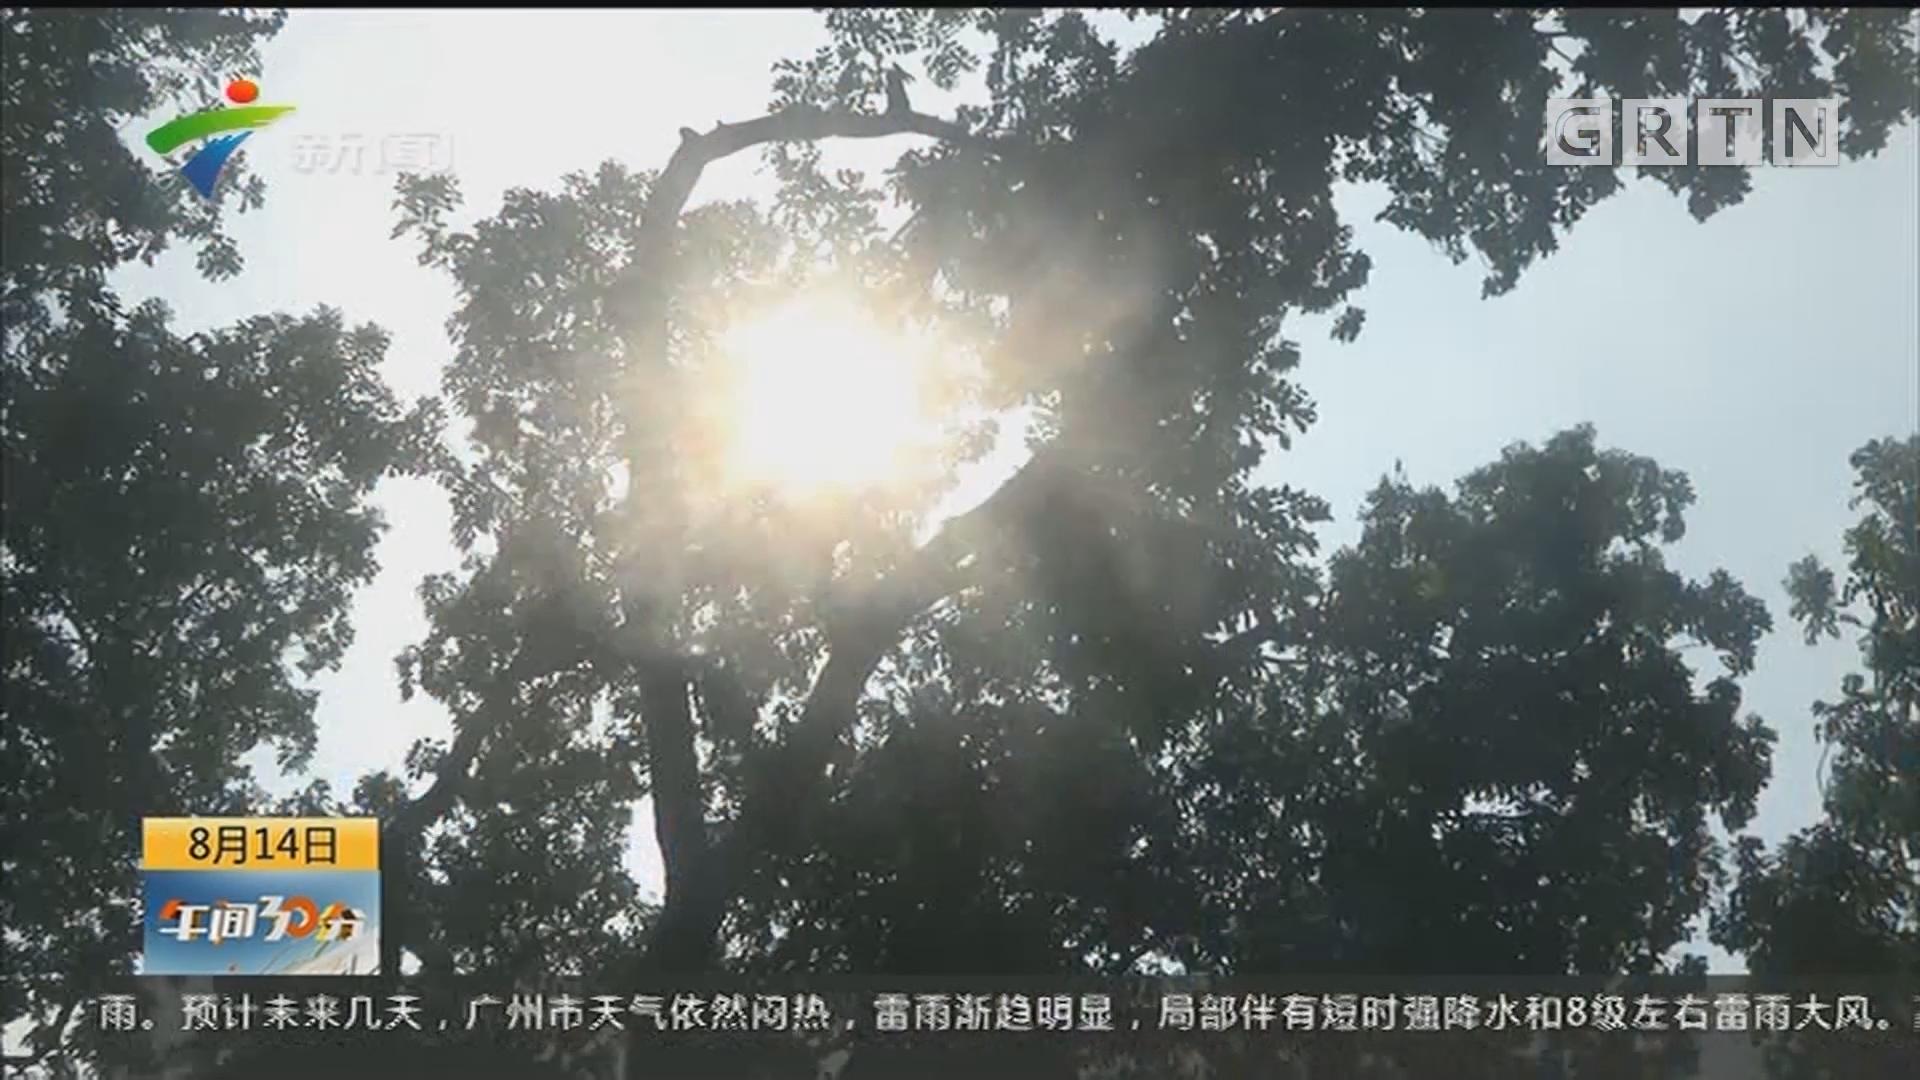 广州:高温天气超长待机 解暑神器销量创新高